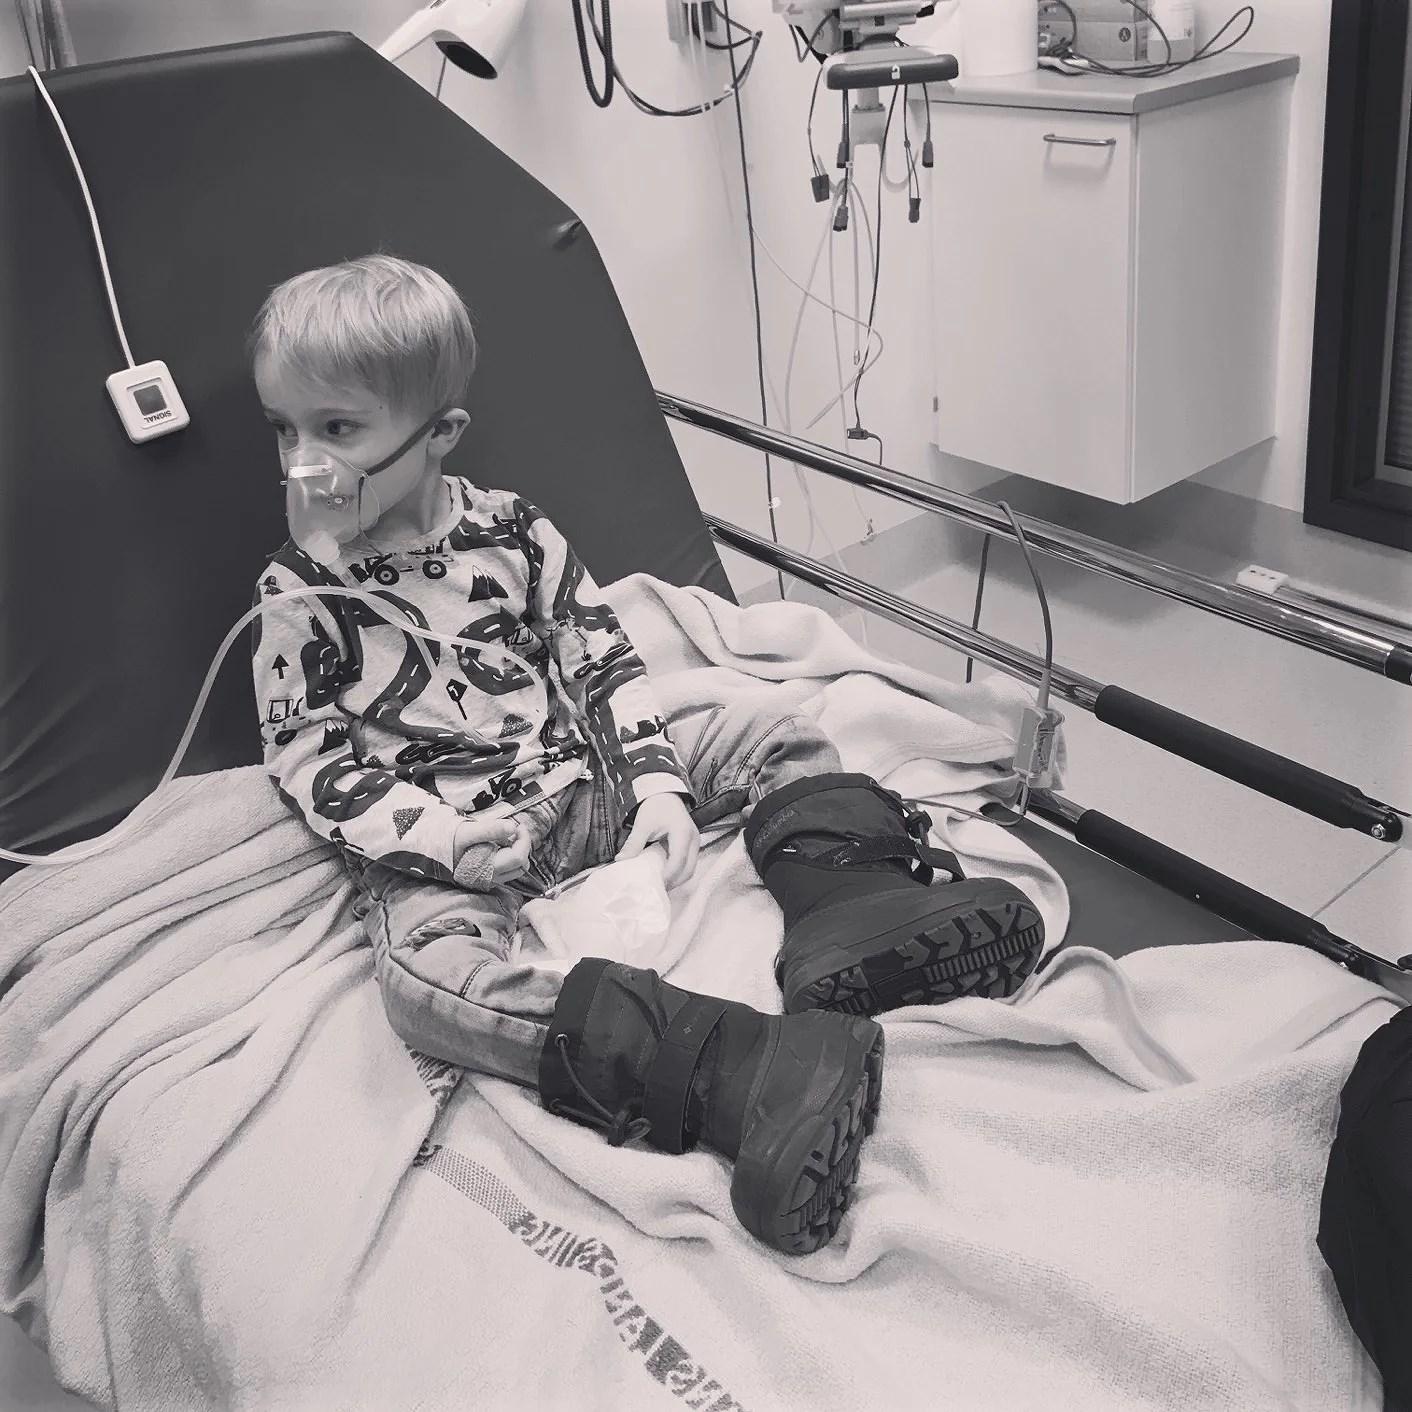 När vi låg på sjukhus......